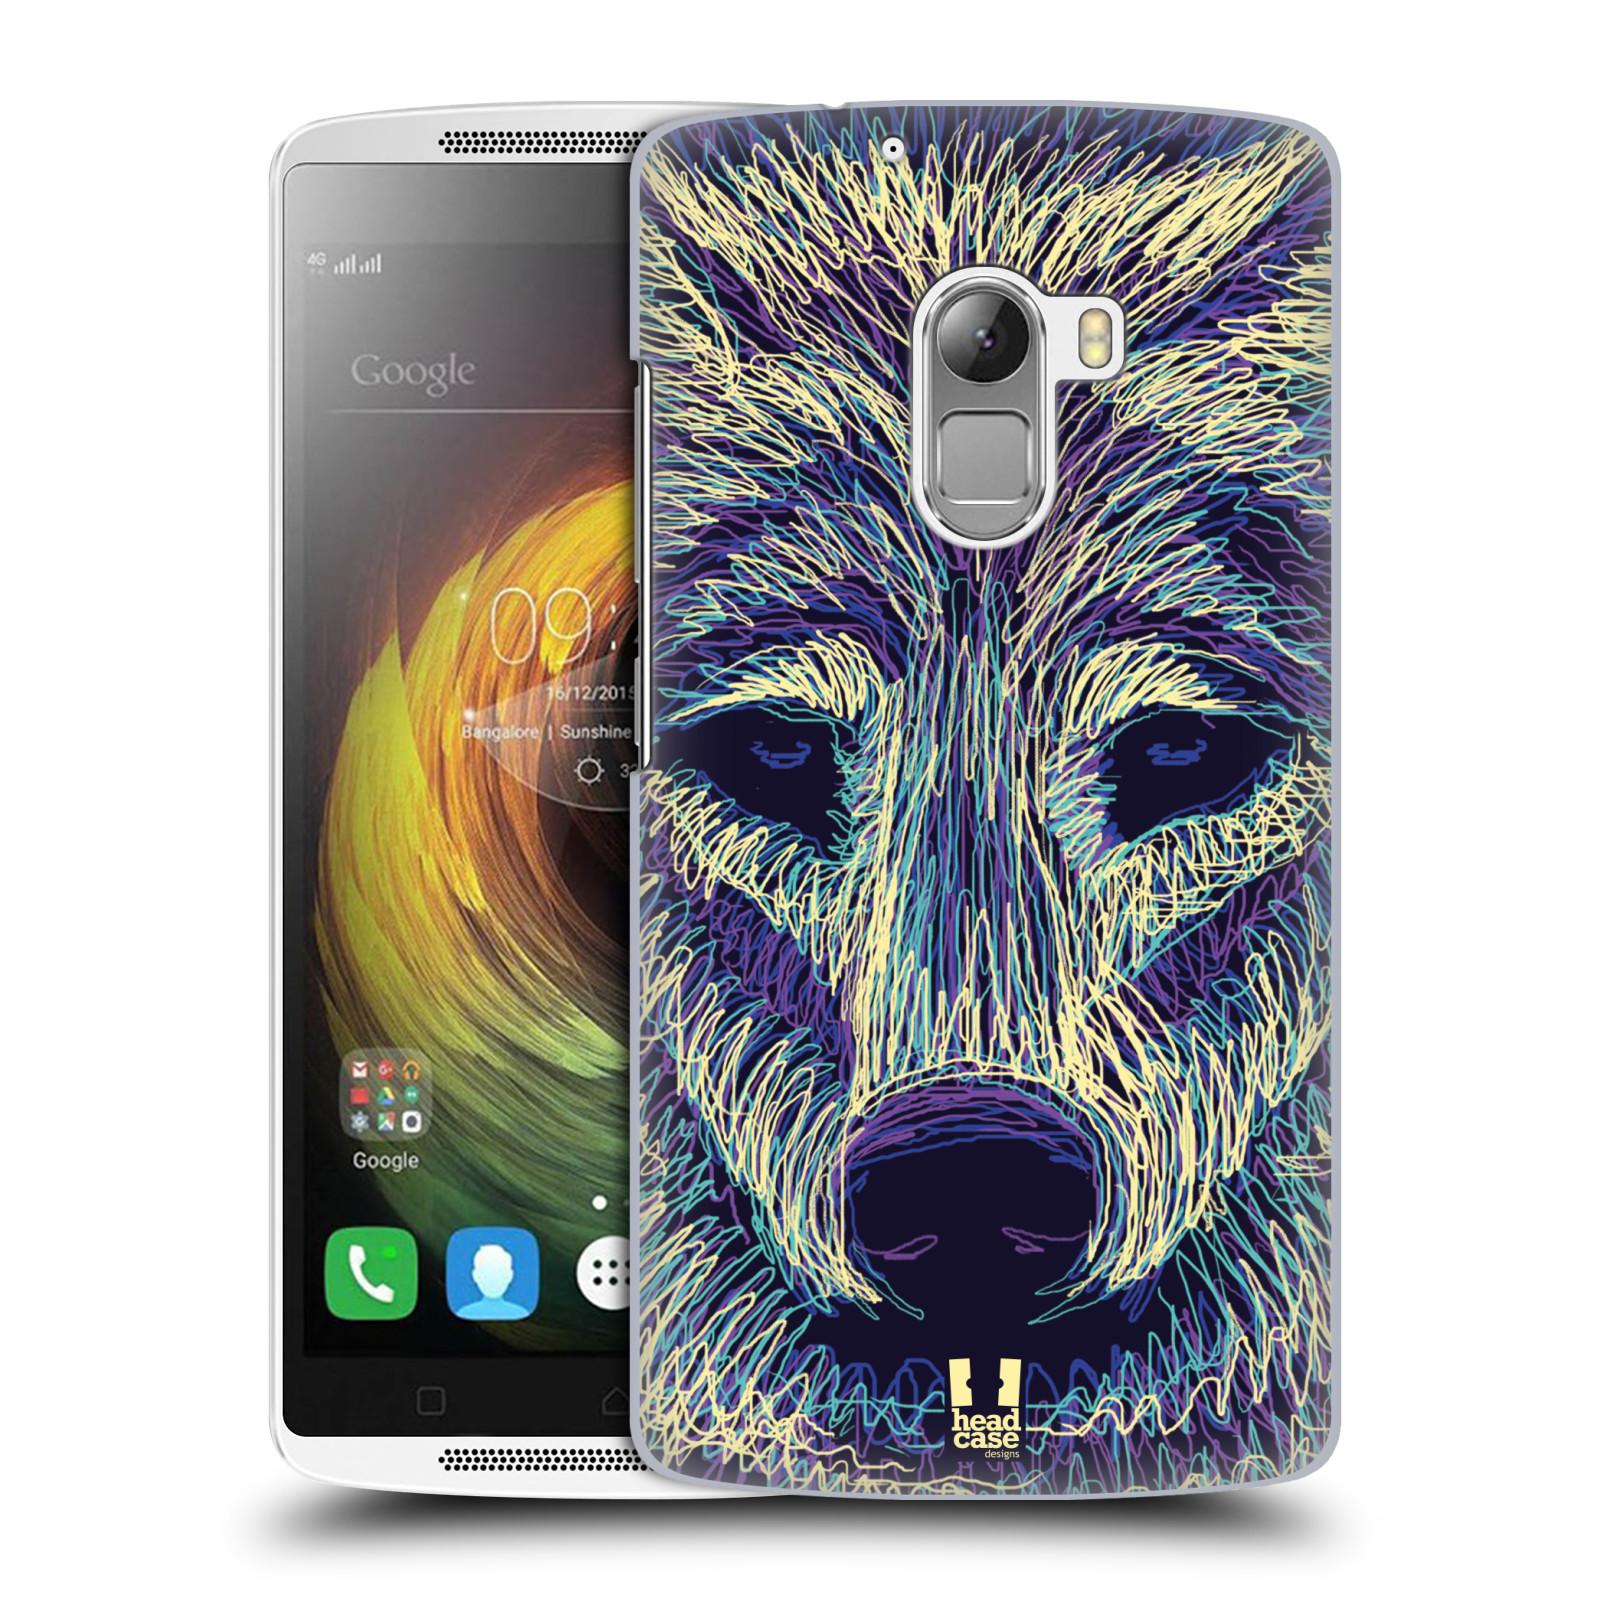 HEAD CASE pevný plastový obal na mobil LENOVO A7010 / A7010 DUAL / K4 Note / Vibe X3 lite vzor zvíře čmáranice vlk